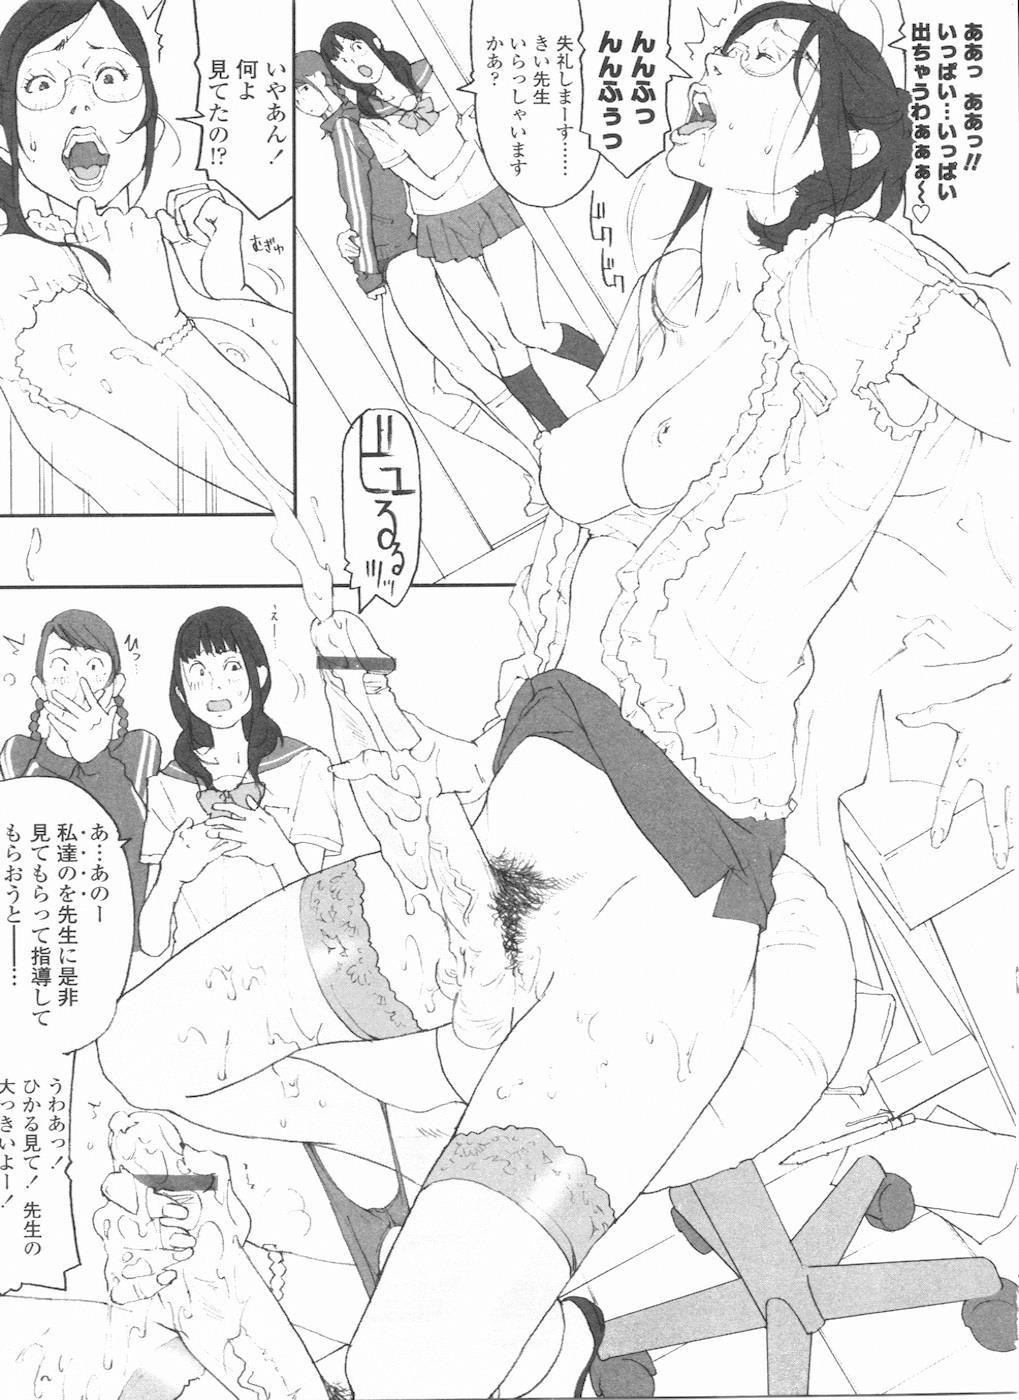 Futanarikko LOVE 11 28